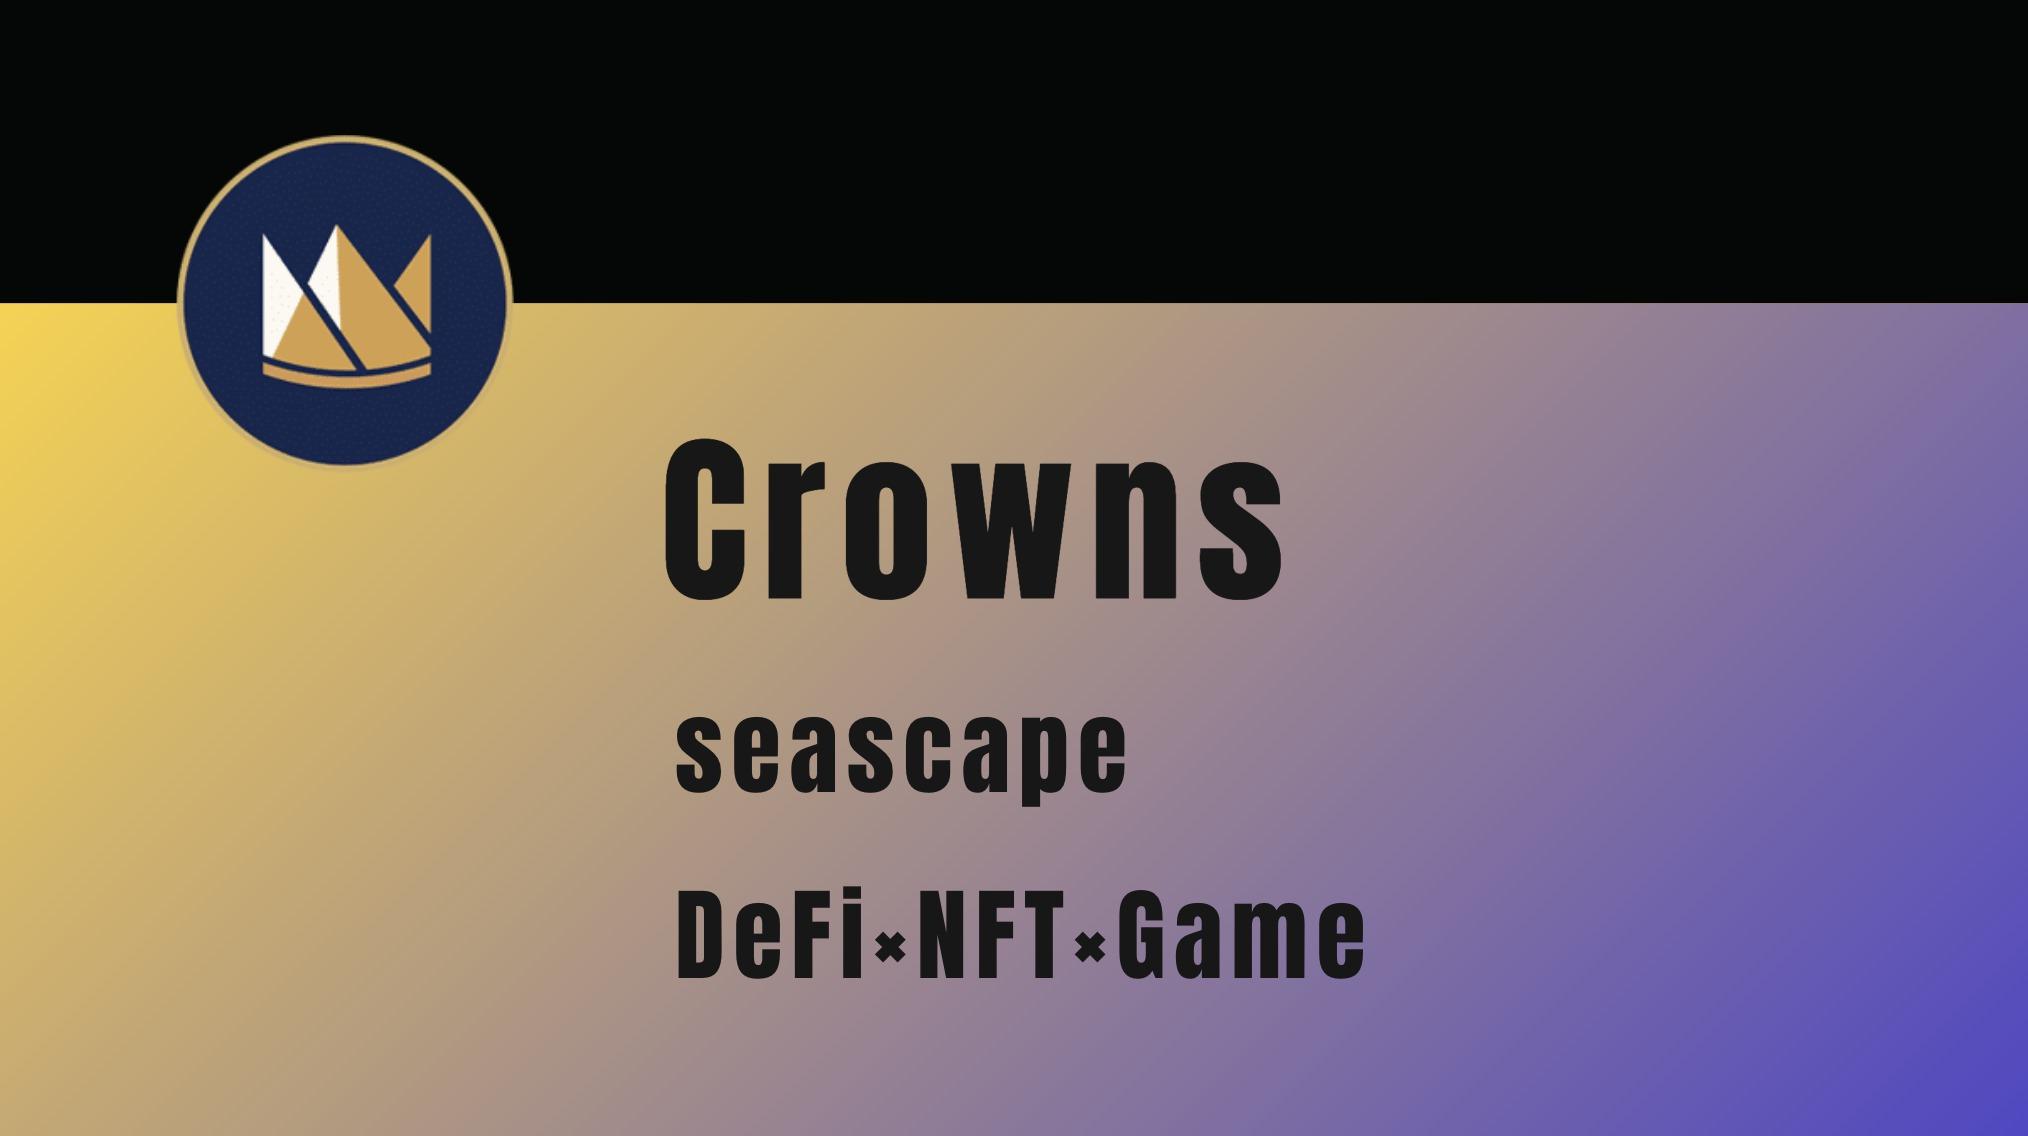 【2021年注目】NFT銘柄「CWS(Crowns)」に期待している理由